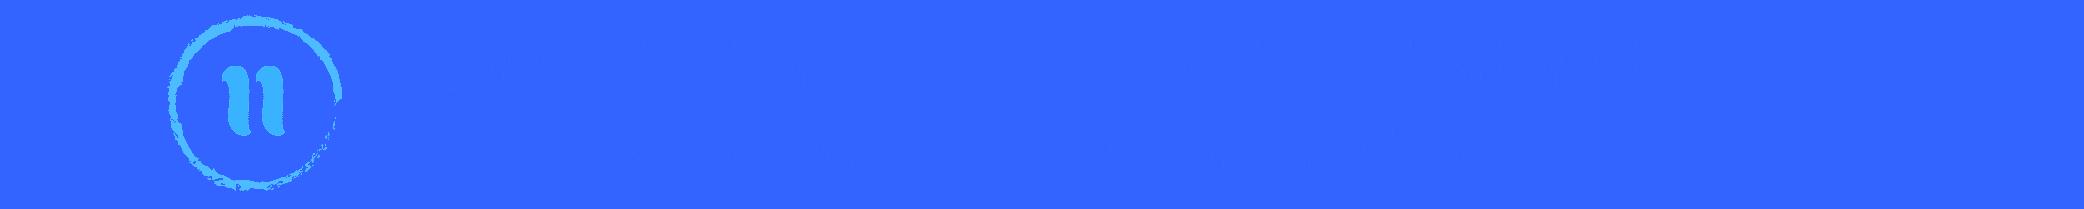 B16T3_tieude-11